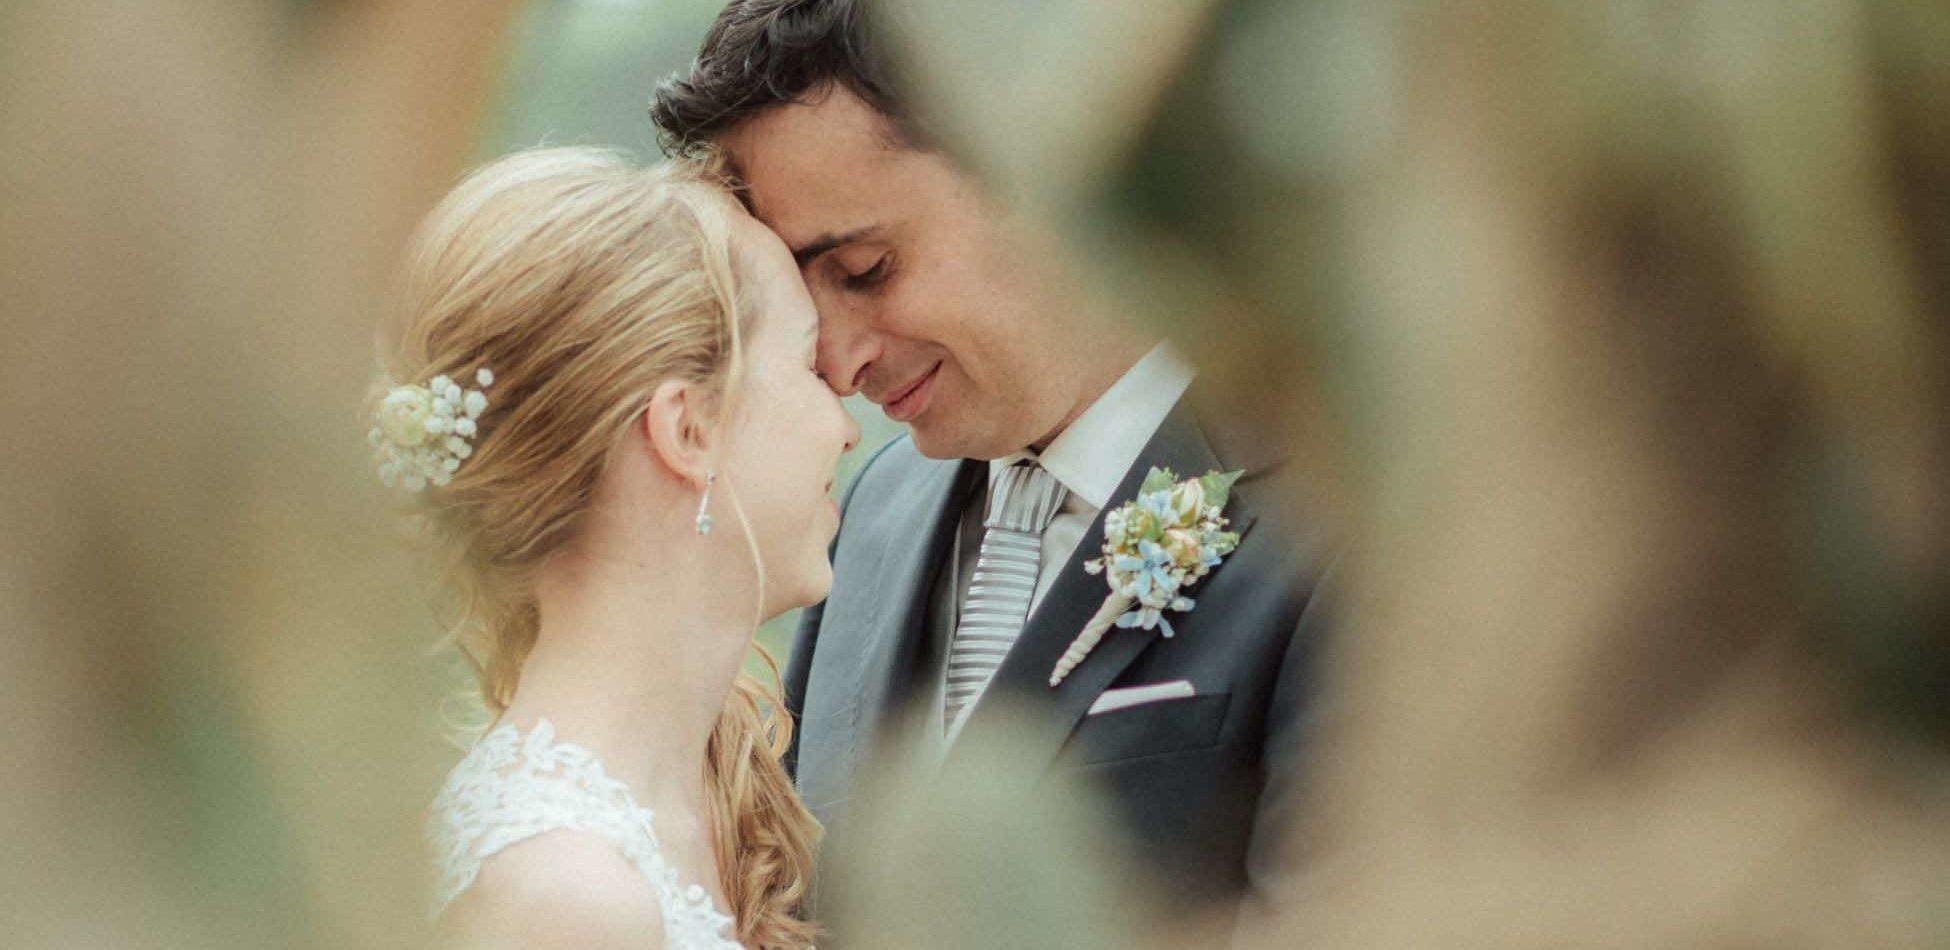 Professionelle Hochzeitsfotografie Hannover